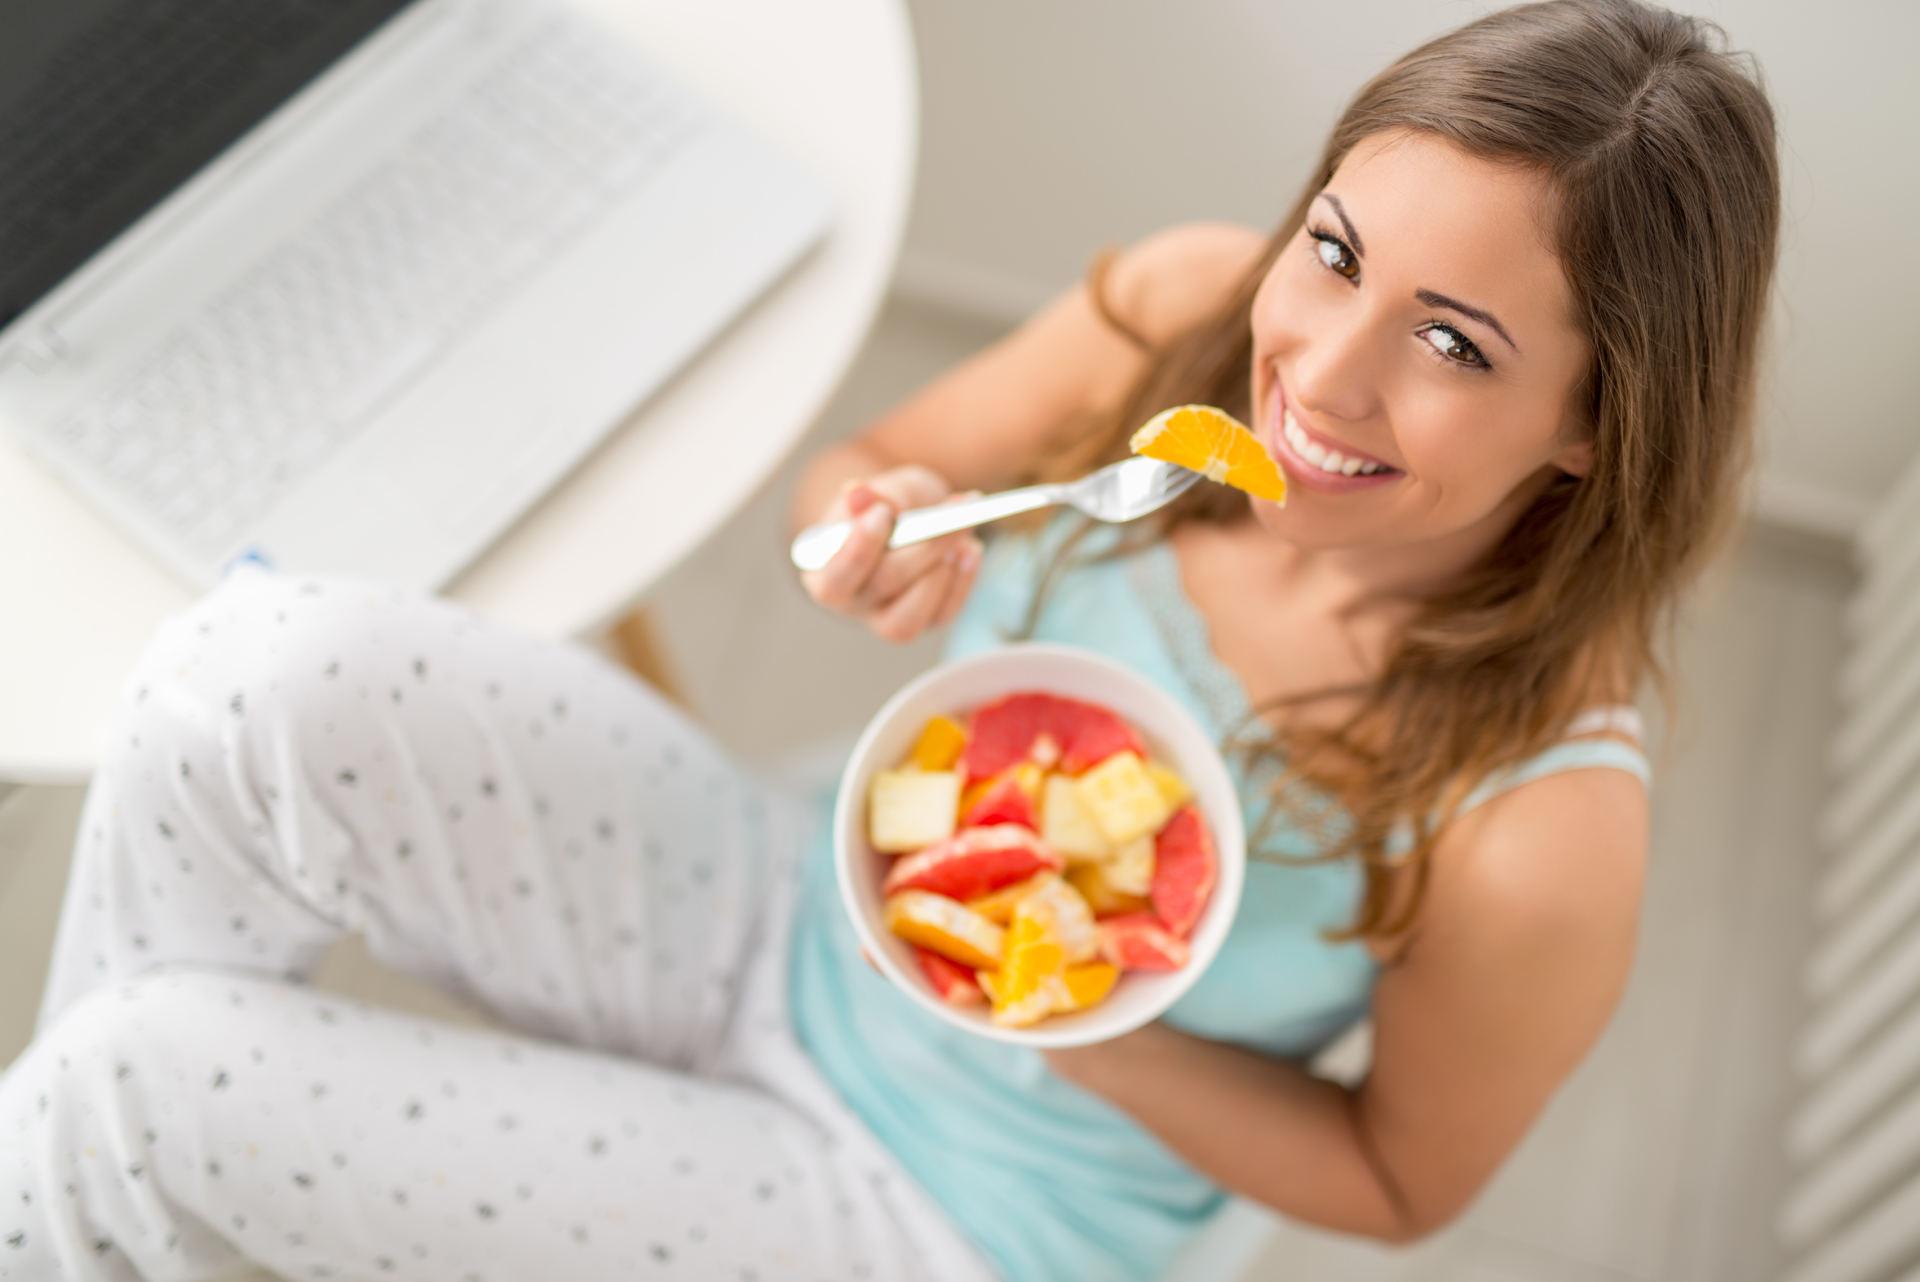 Lentelė - ką galima valgyti su aukštu cholesterolio kiekiu ir kas ne? - Širdies priepuolis November